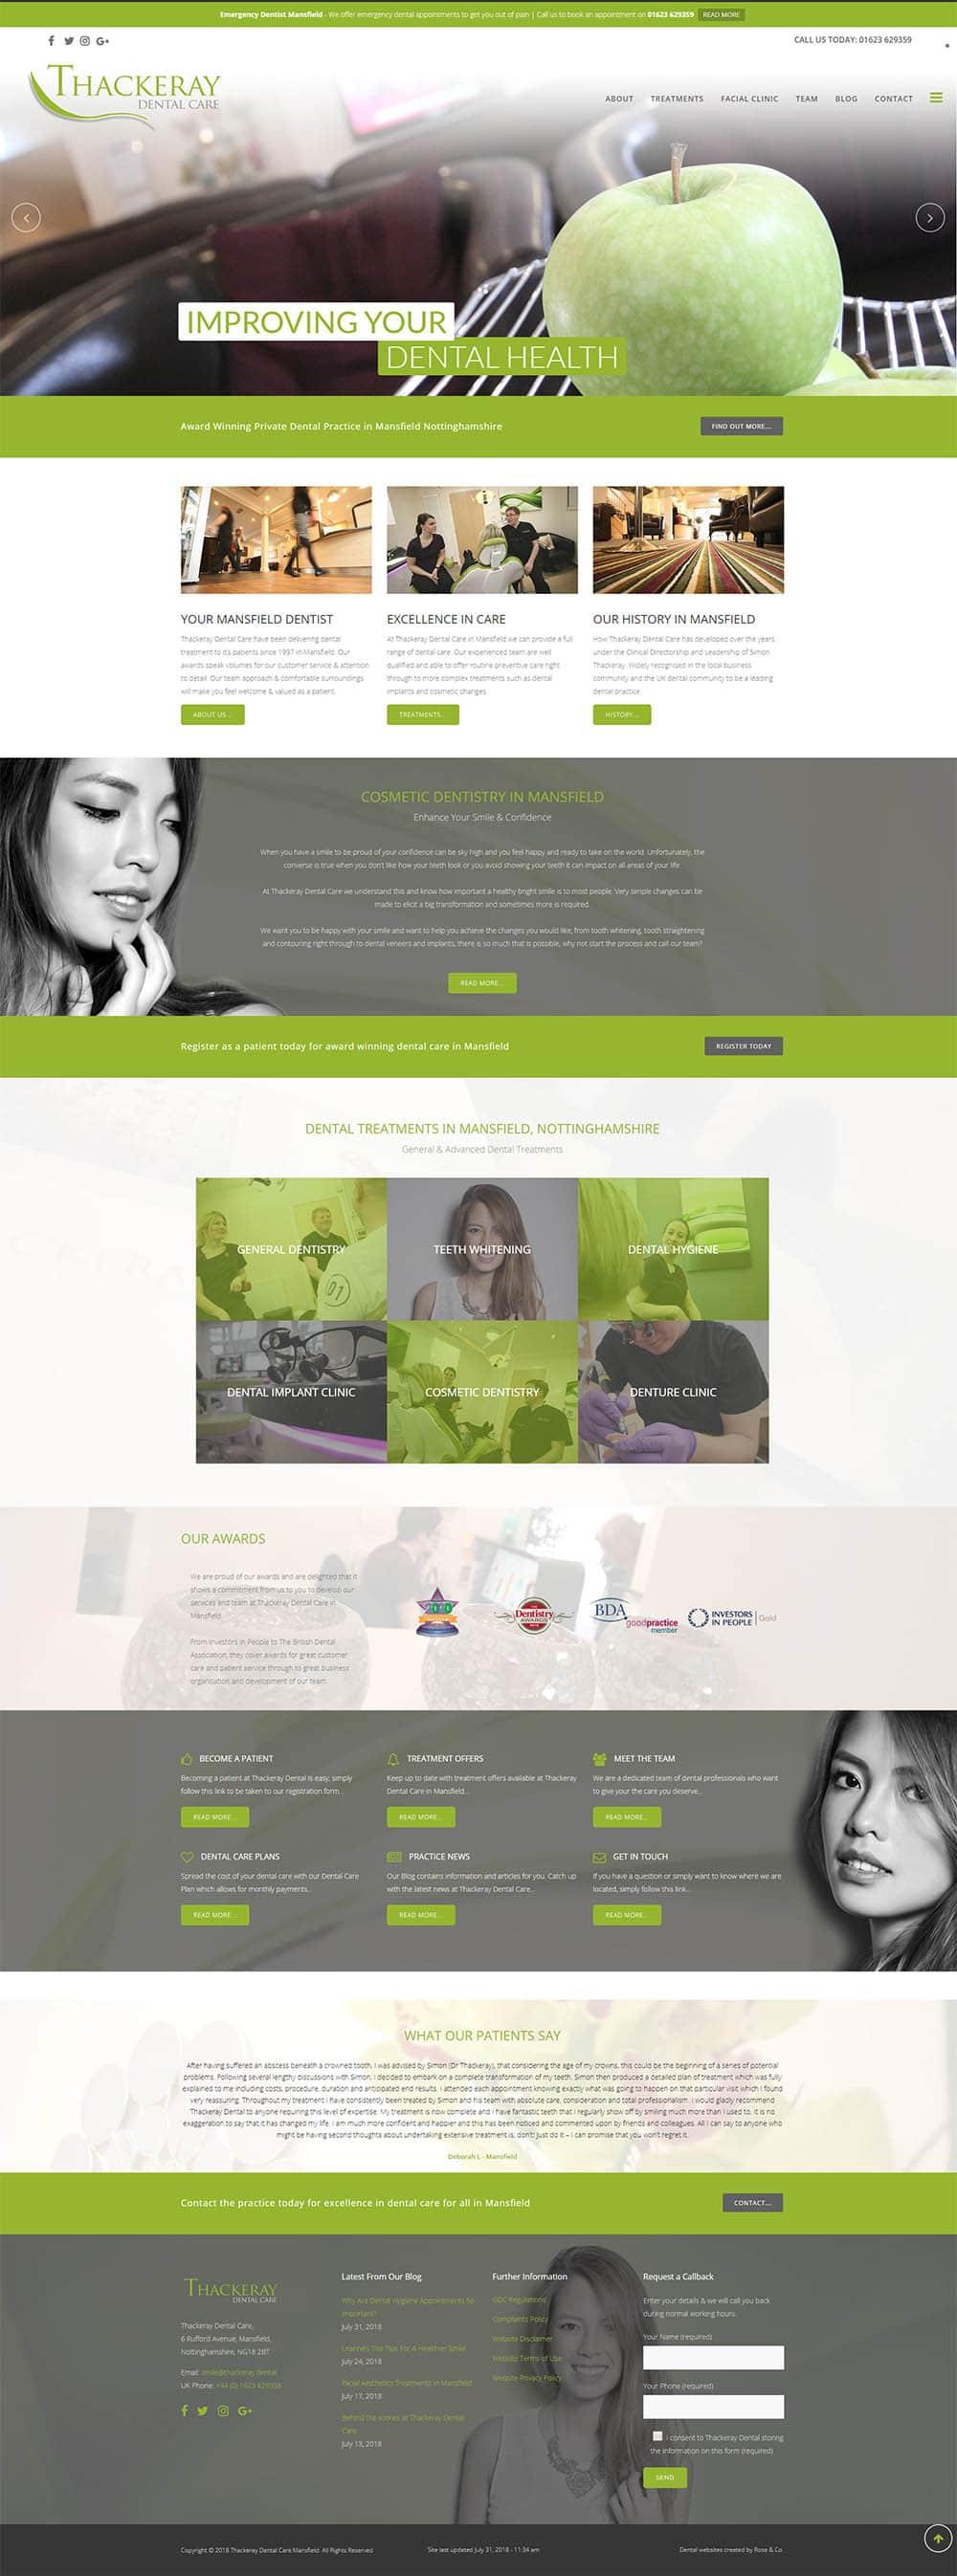 thackeray dental website design